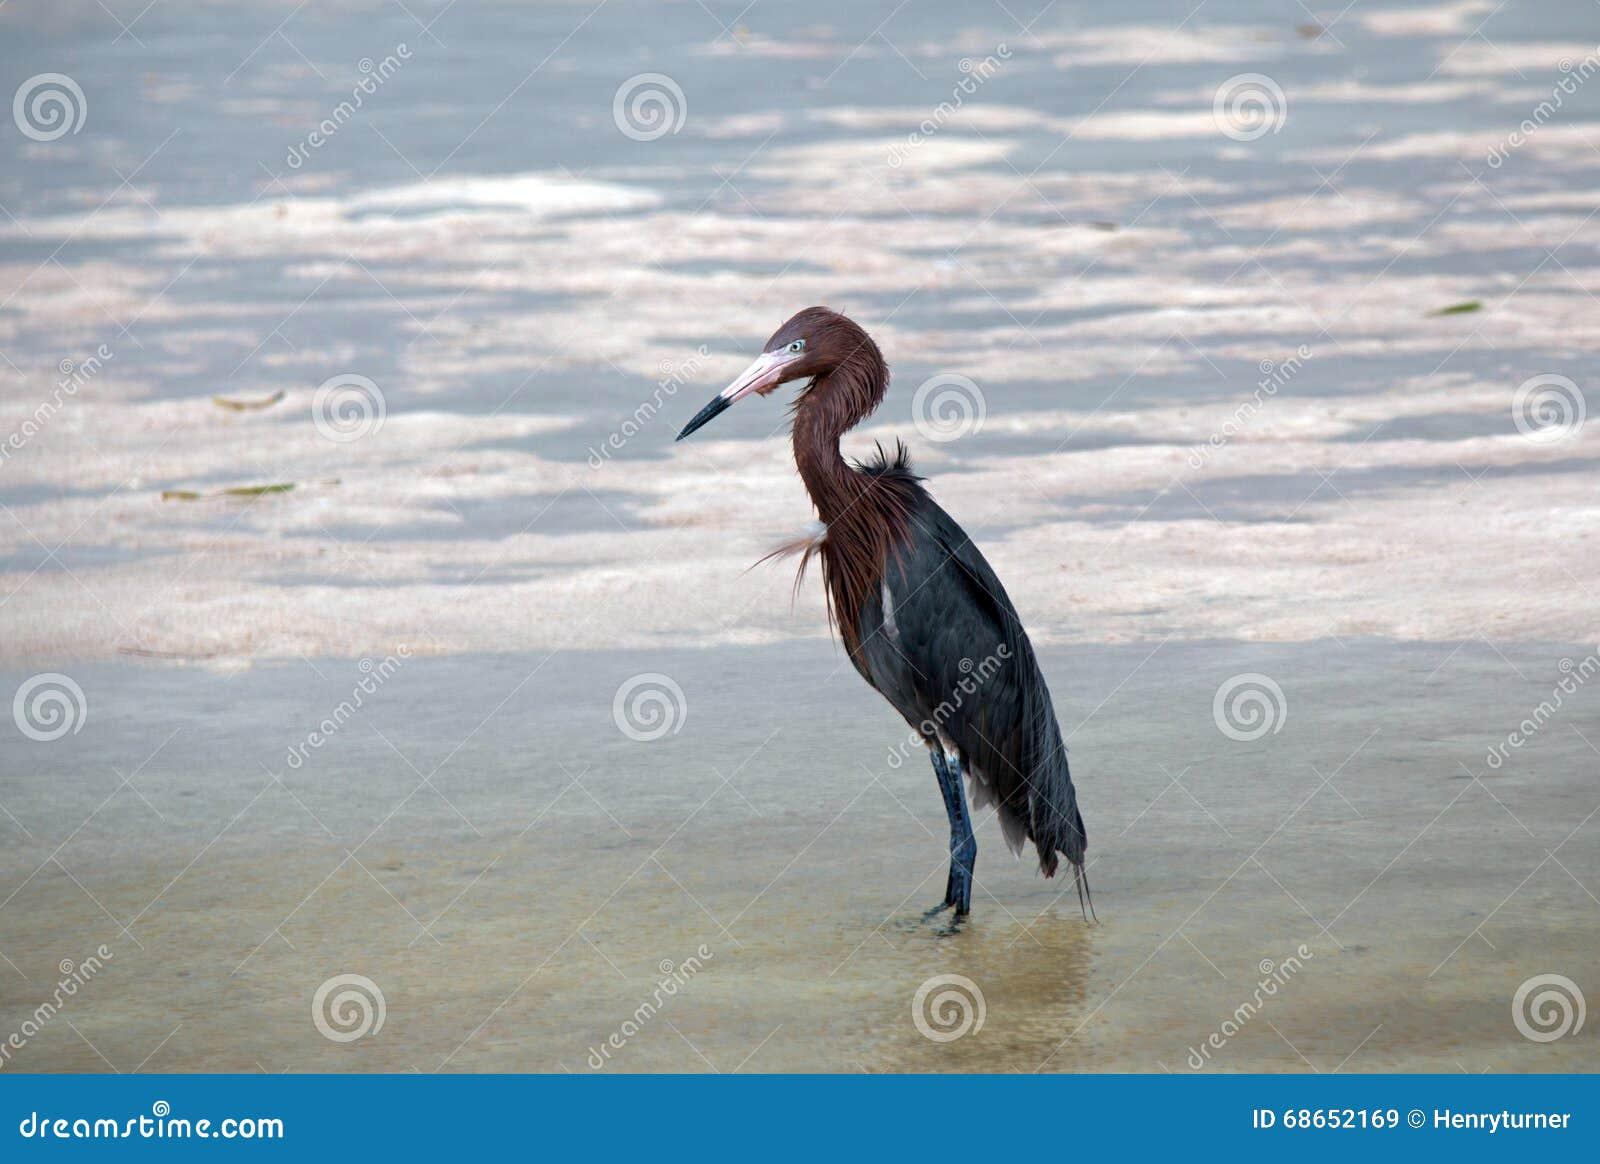 Chasse rougeâtre ébouriffée par le vent de héron dans les eaux de marée d Isla Blanca Cancun Mexico